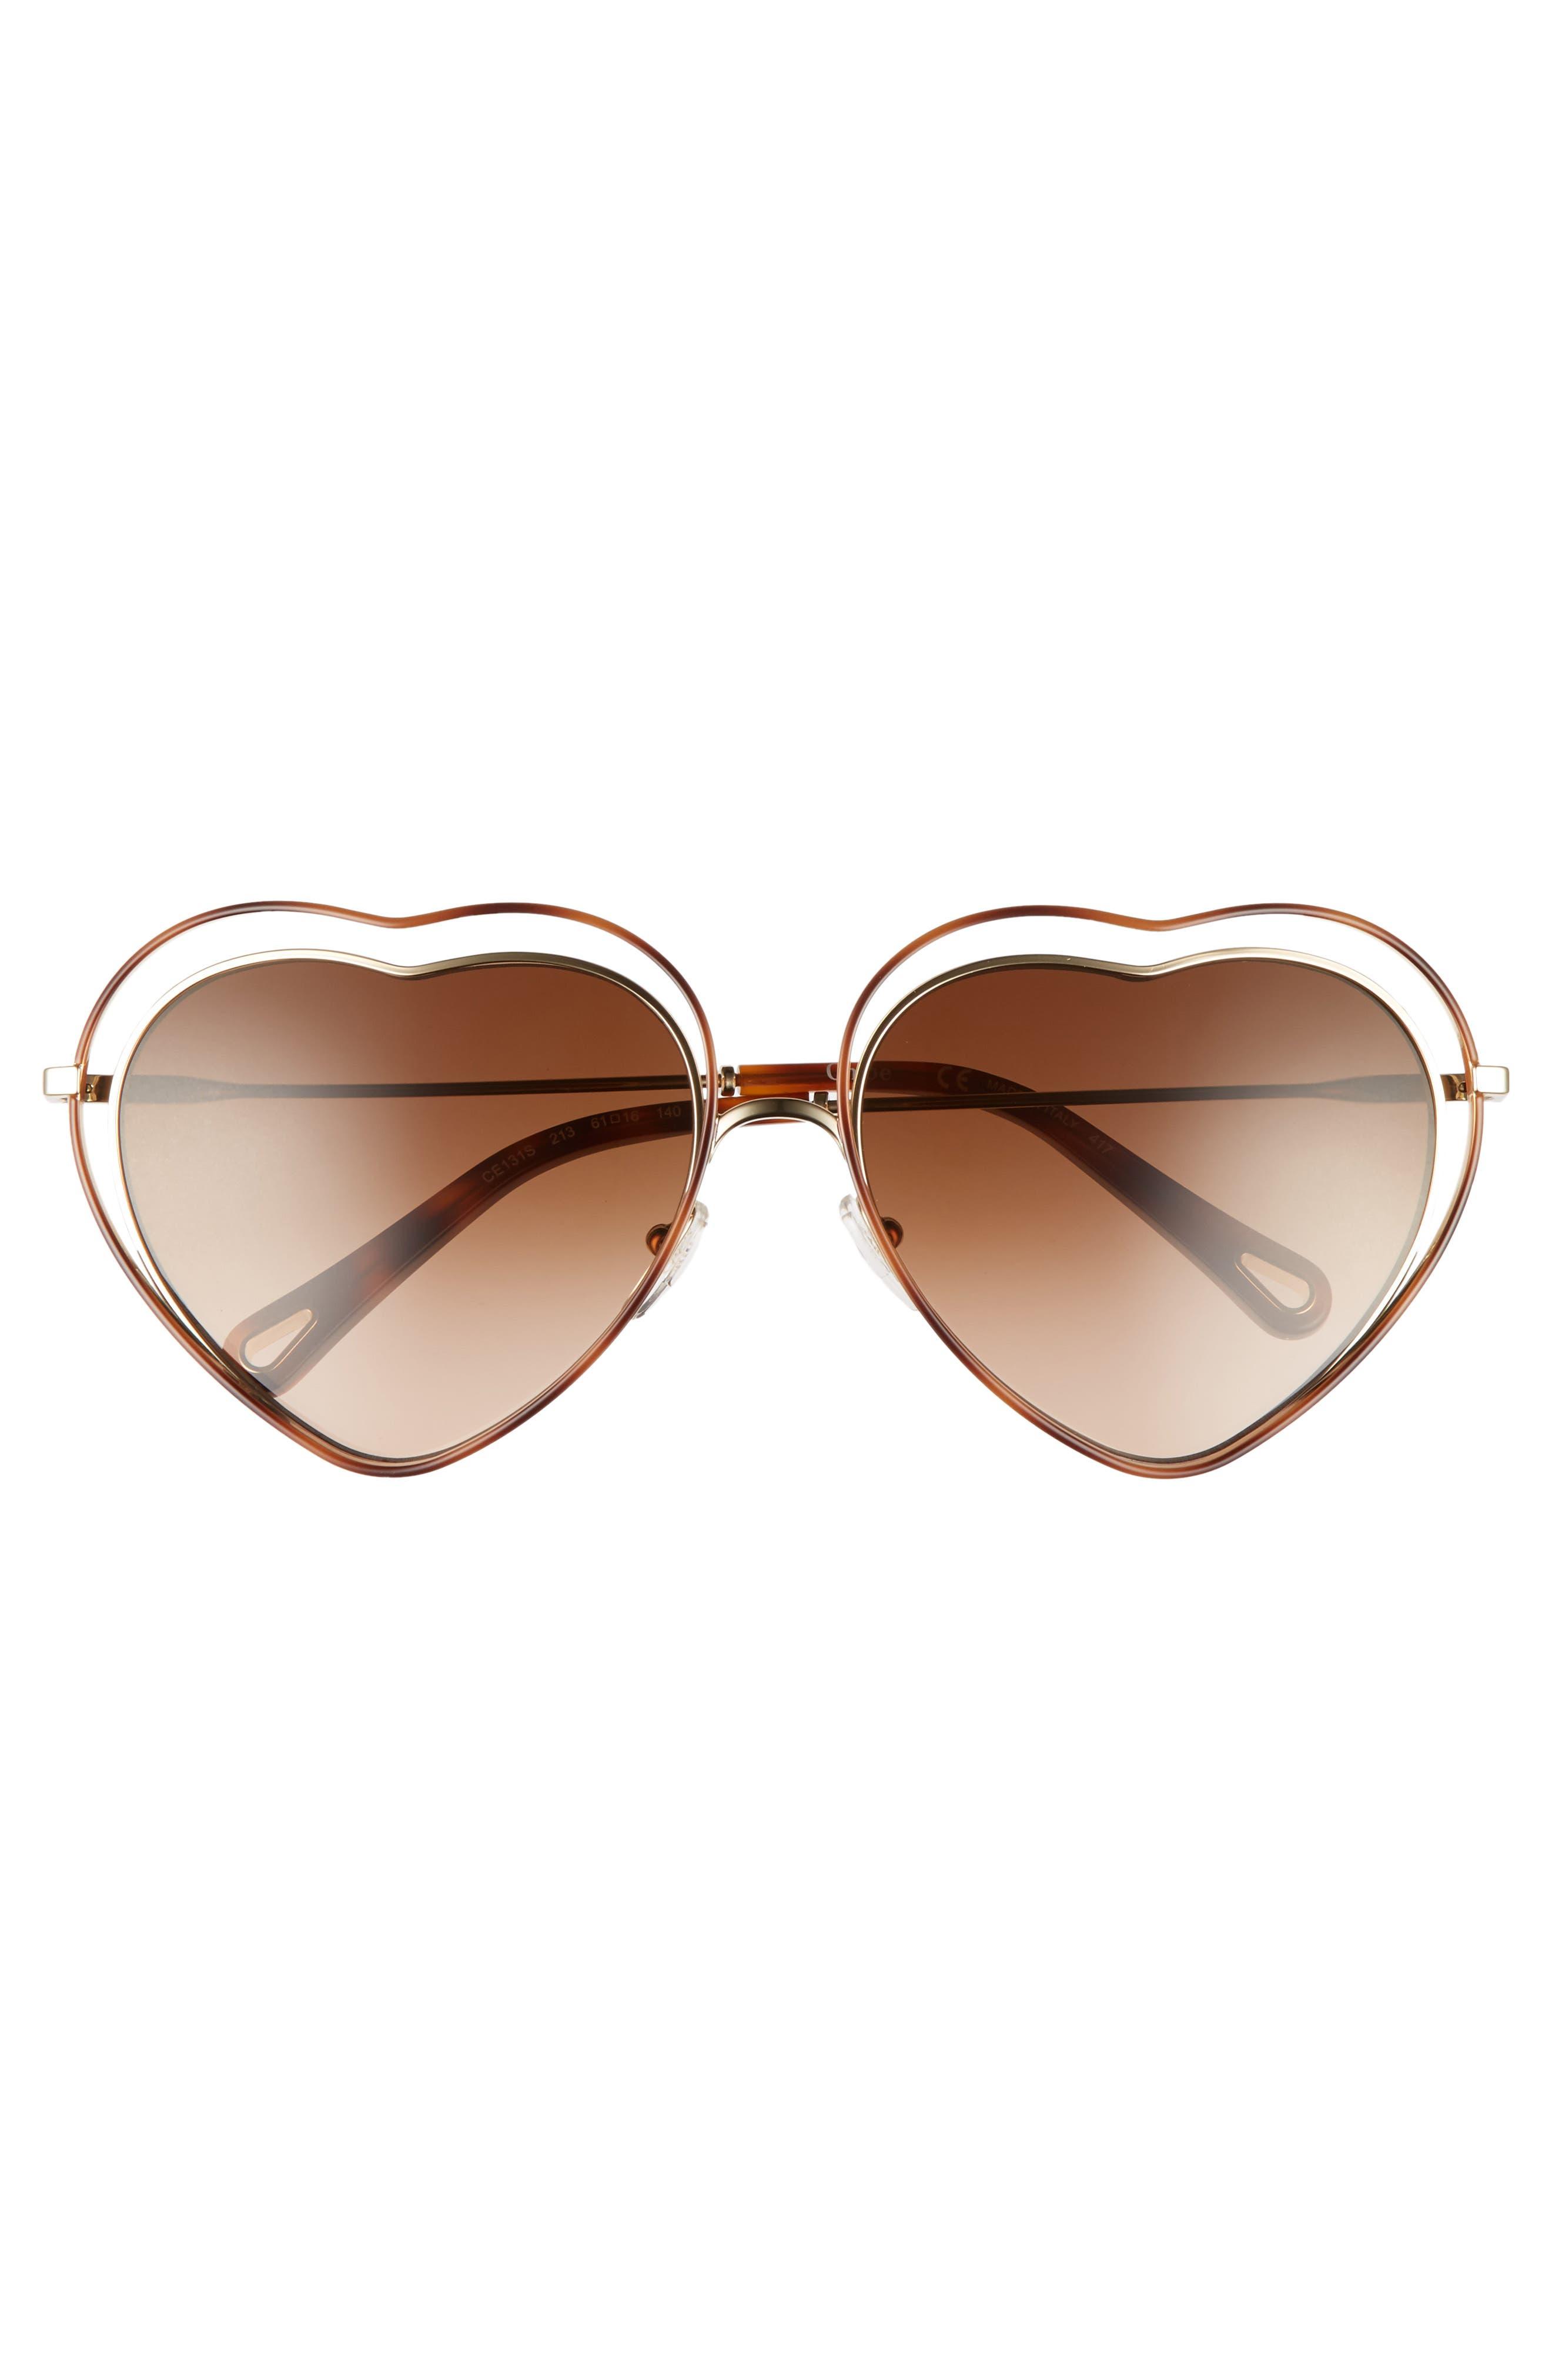 Poppy Love Heart Sunglasses,                             Alternate thumbnail 3, color,                             213